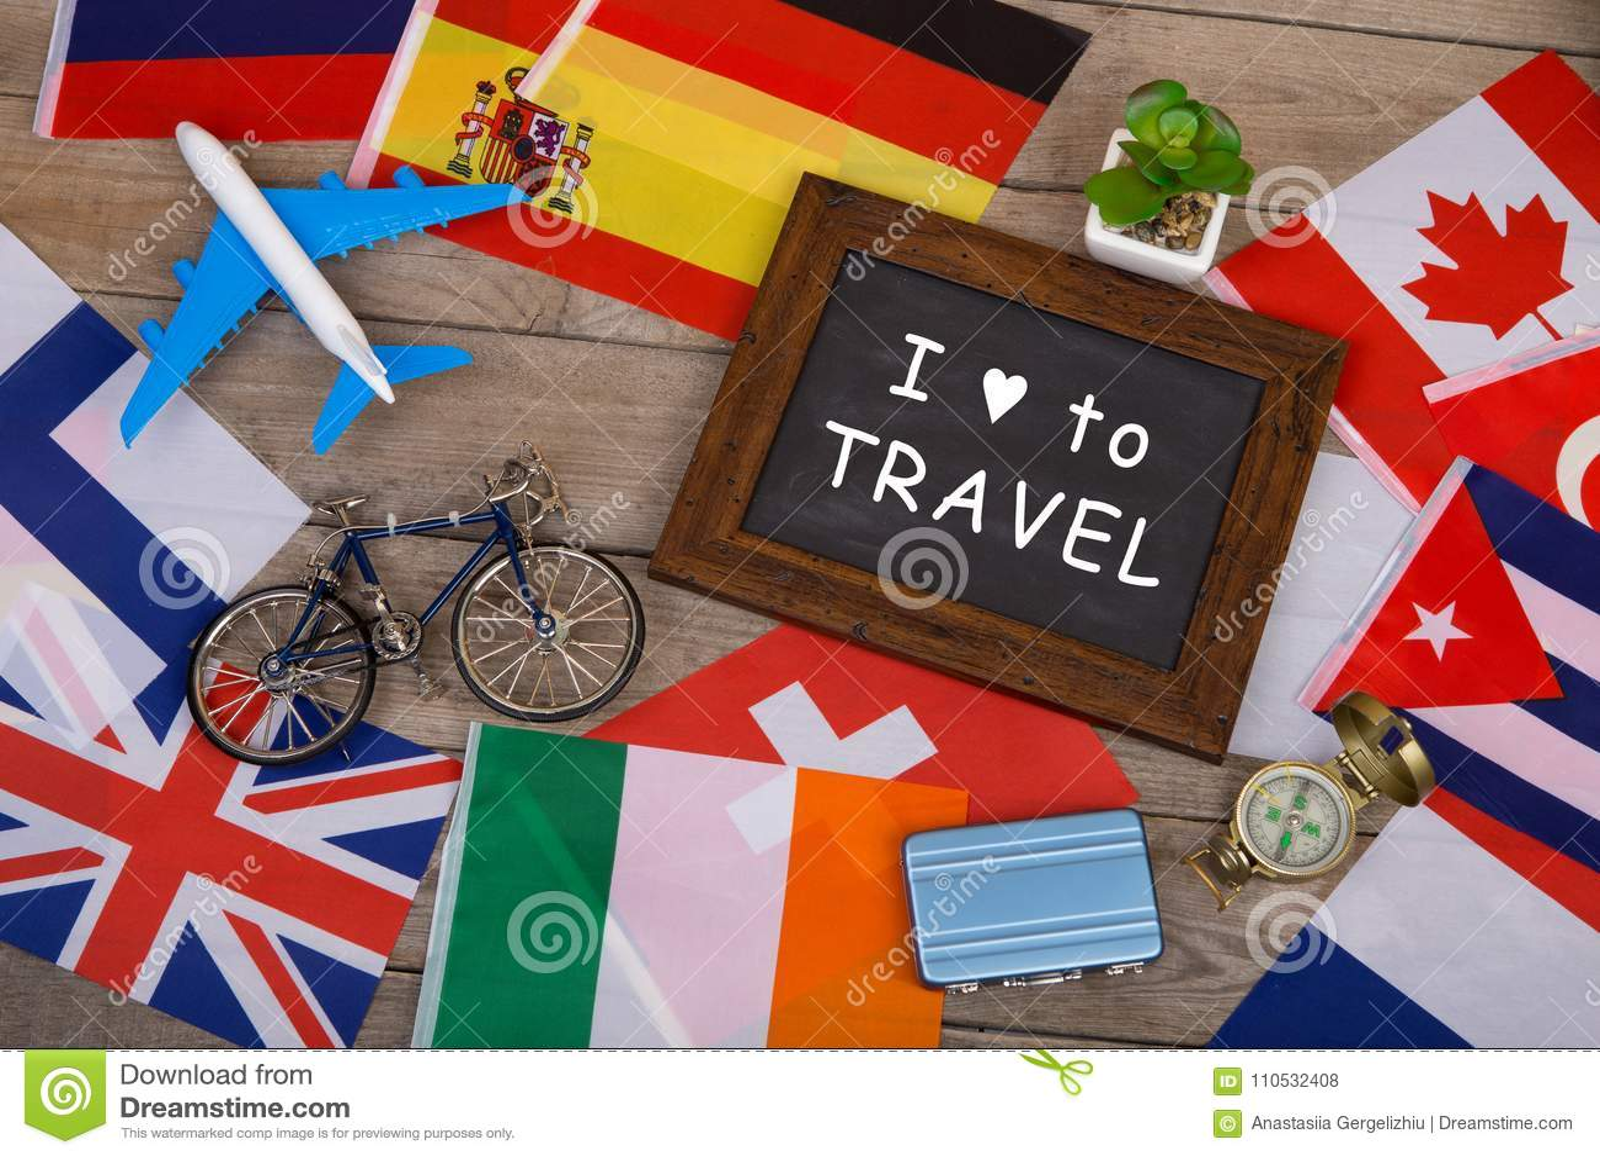 классн классный с текстом & x22; Я люблю к Travel& x22; , флаги различных стран, модель самолета, меньший велосипед и чемодан